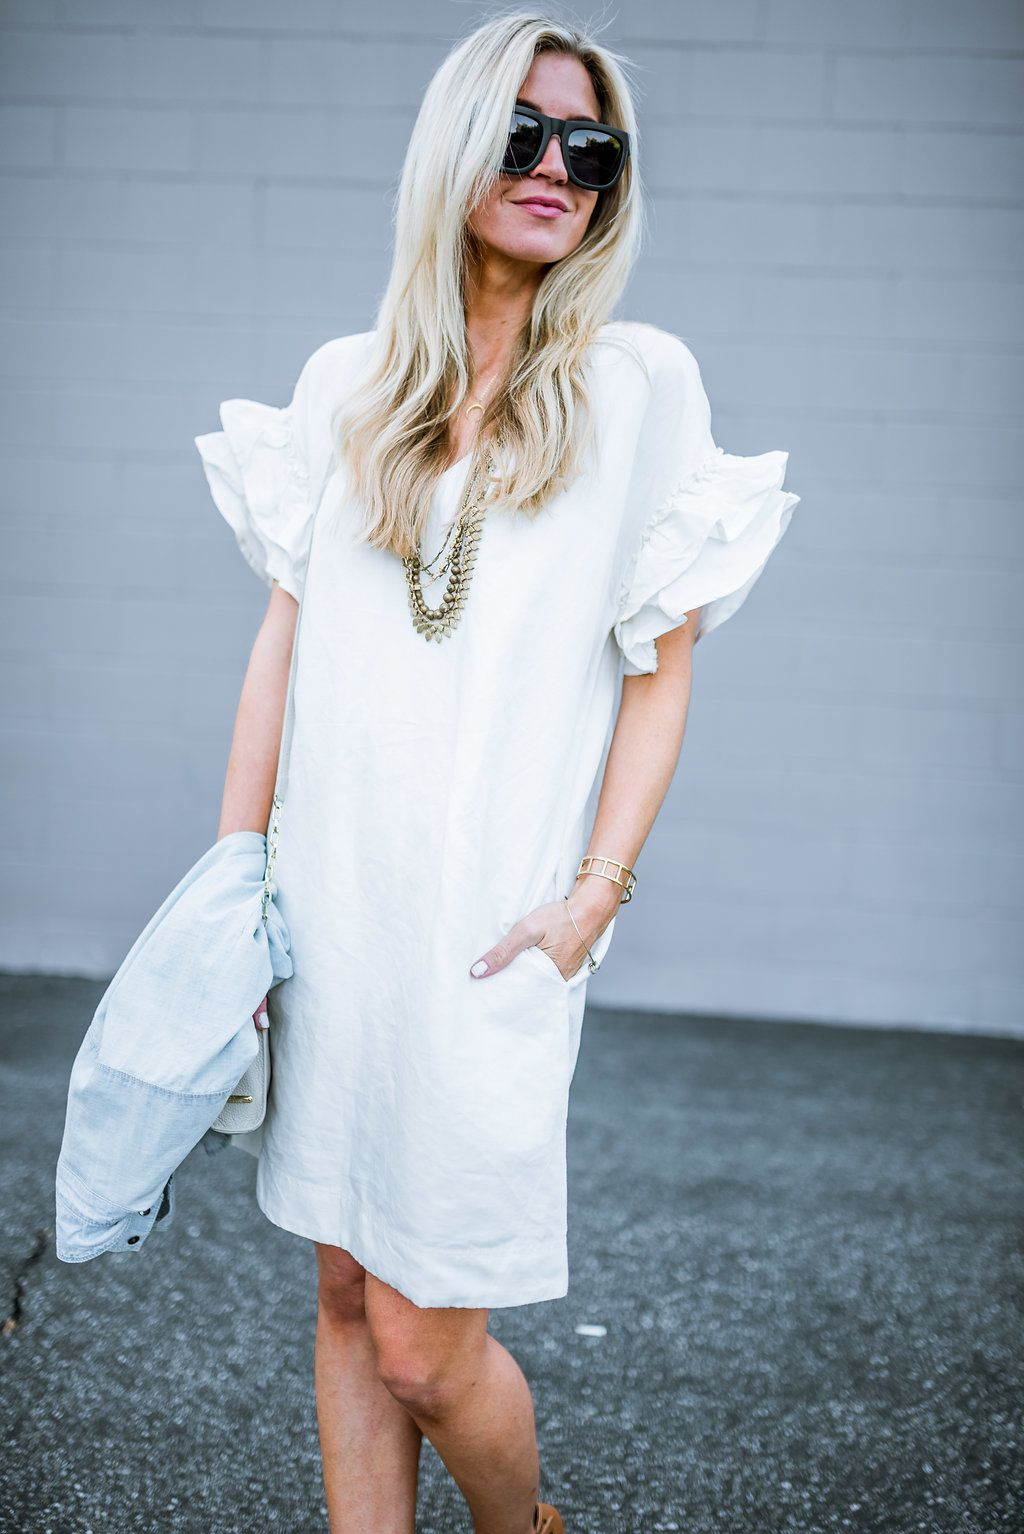 cc8a05278ab0 LITTLE WHITE DRESS